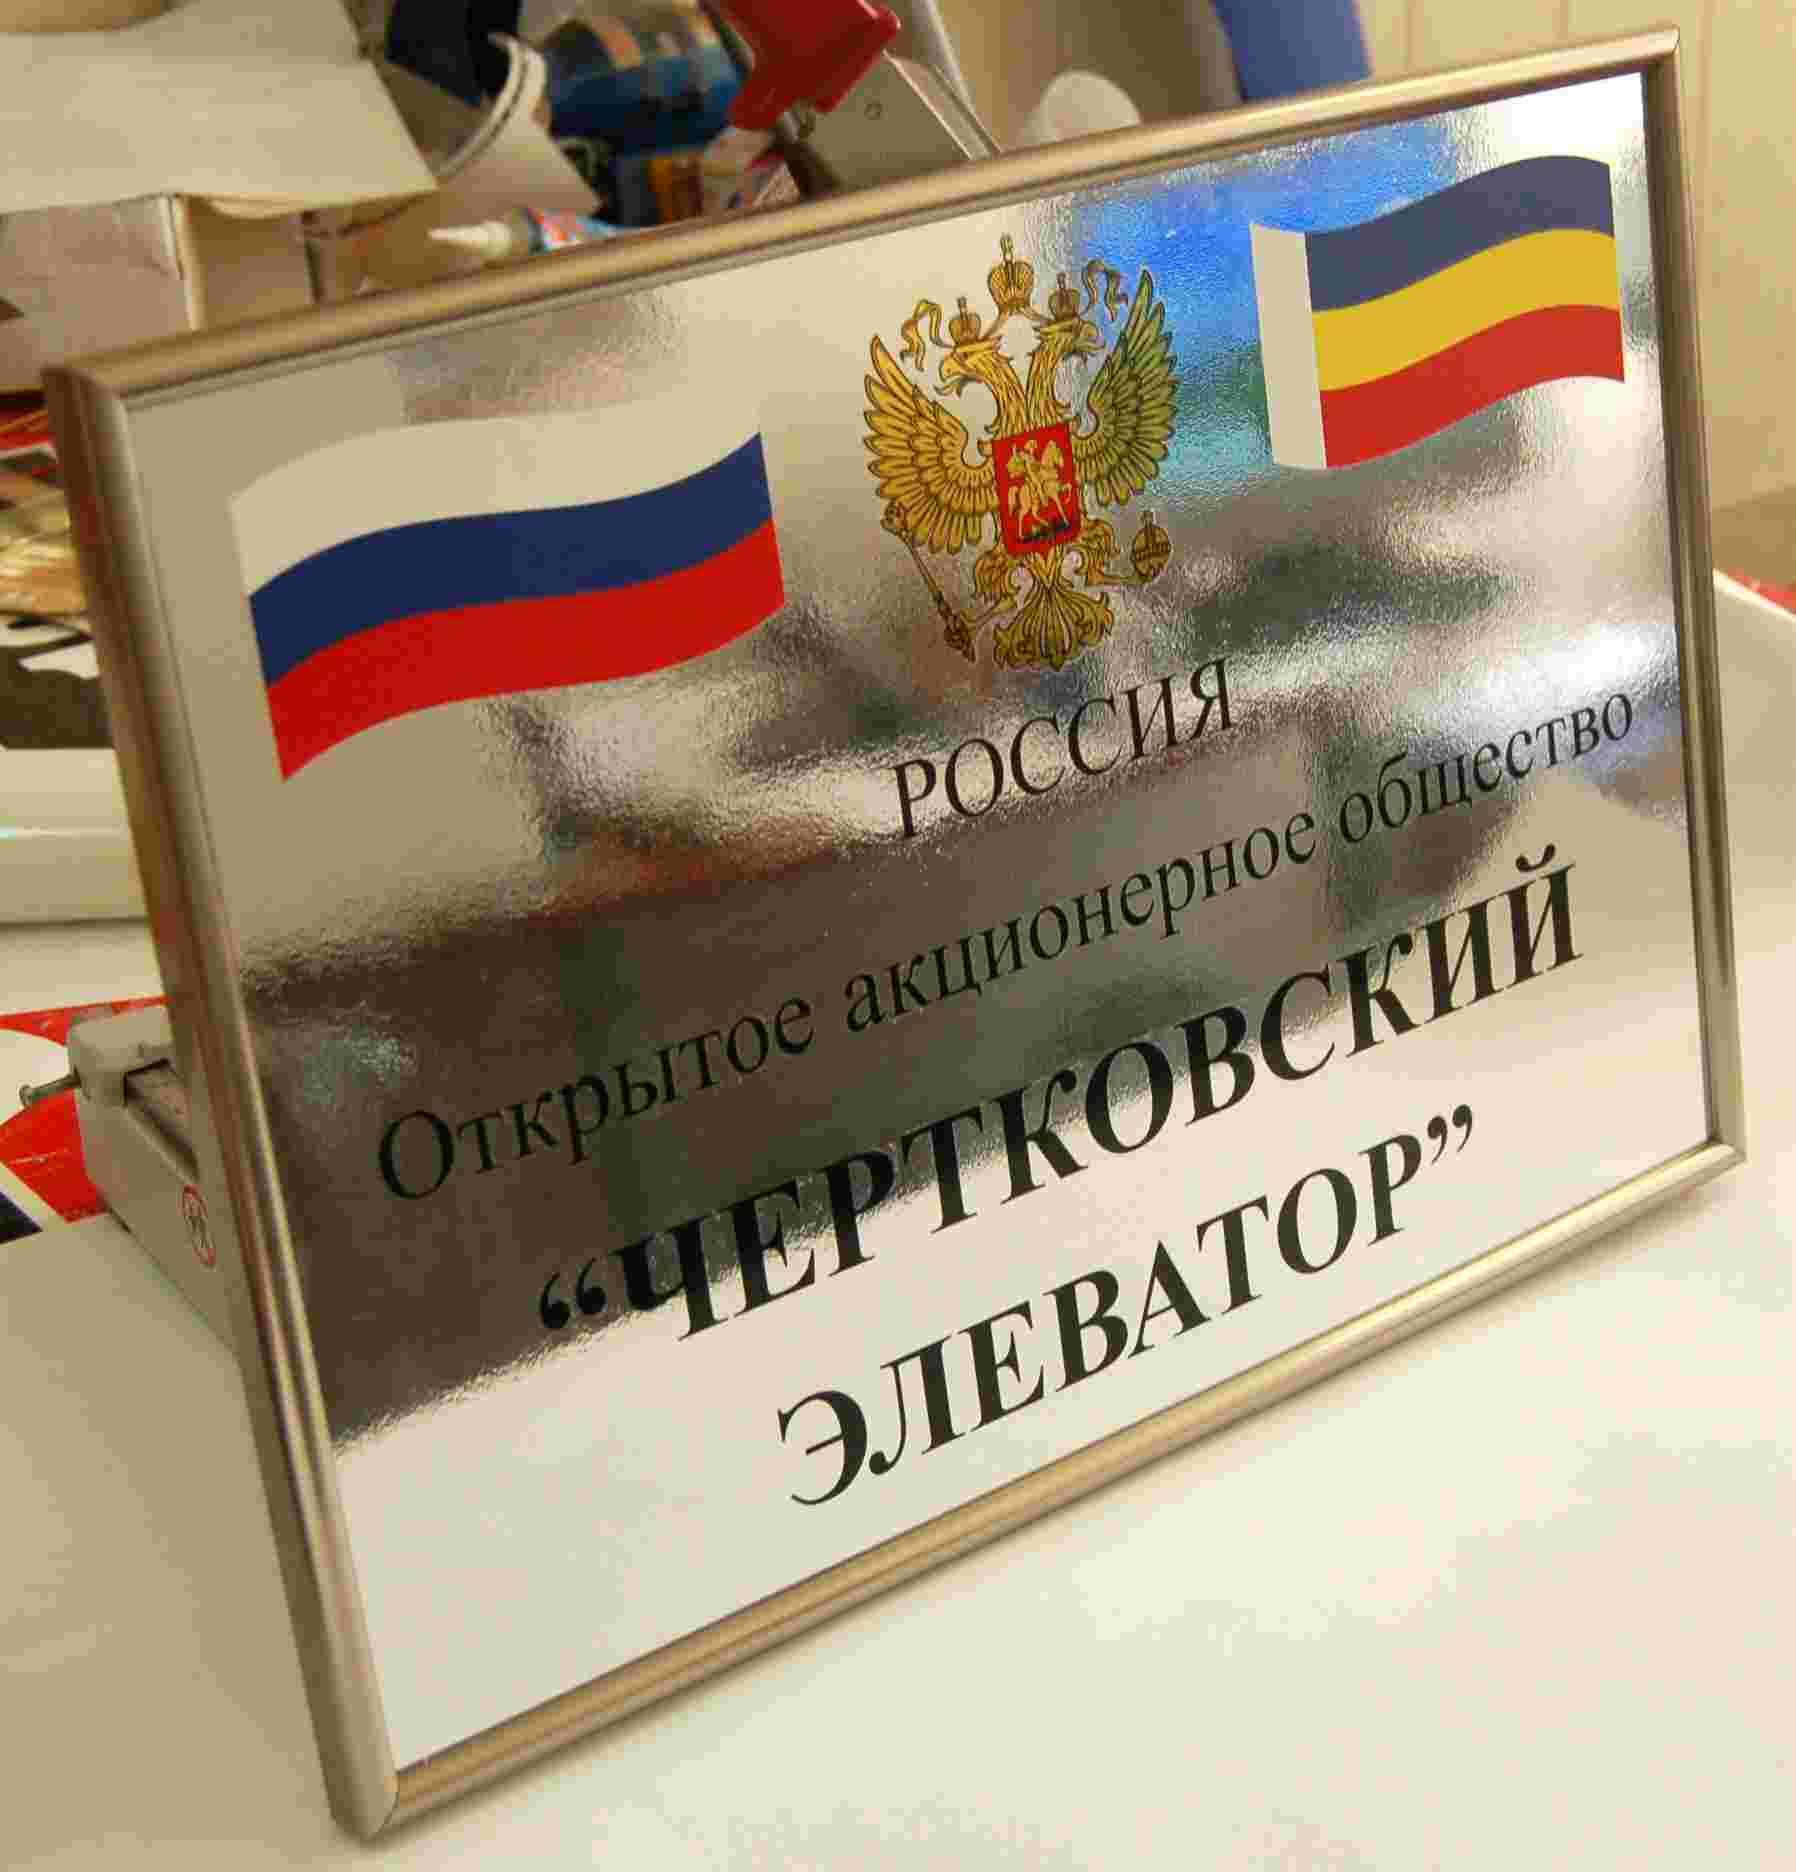 Выполнен заказ на изготовление вывески на дом в Ростове-на-Дону..